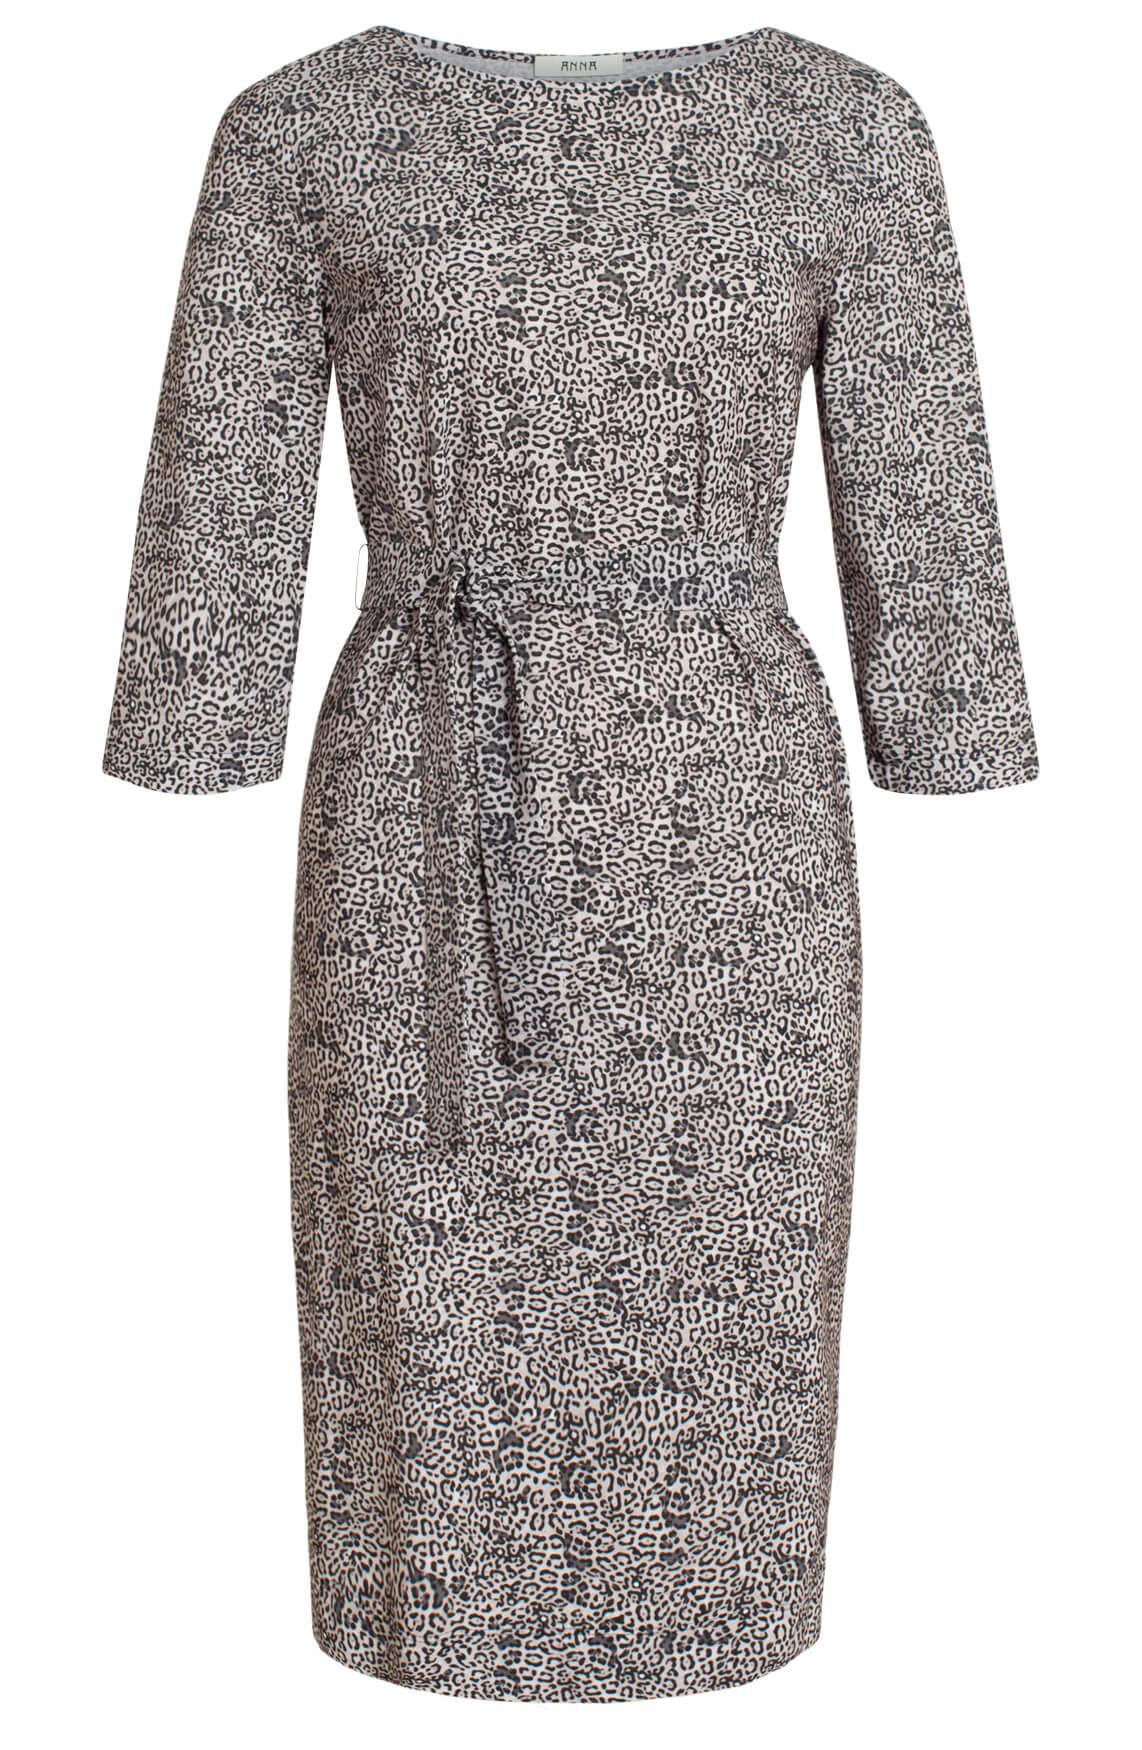 Anna Dames Jersey jurk met panterprint Grijs